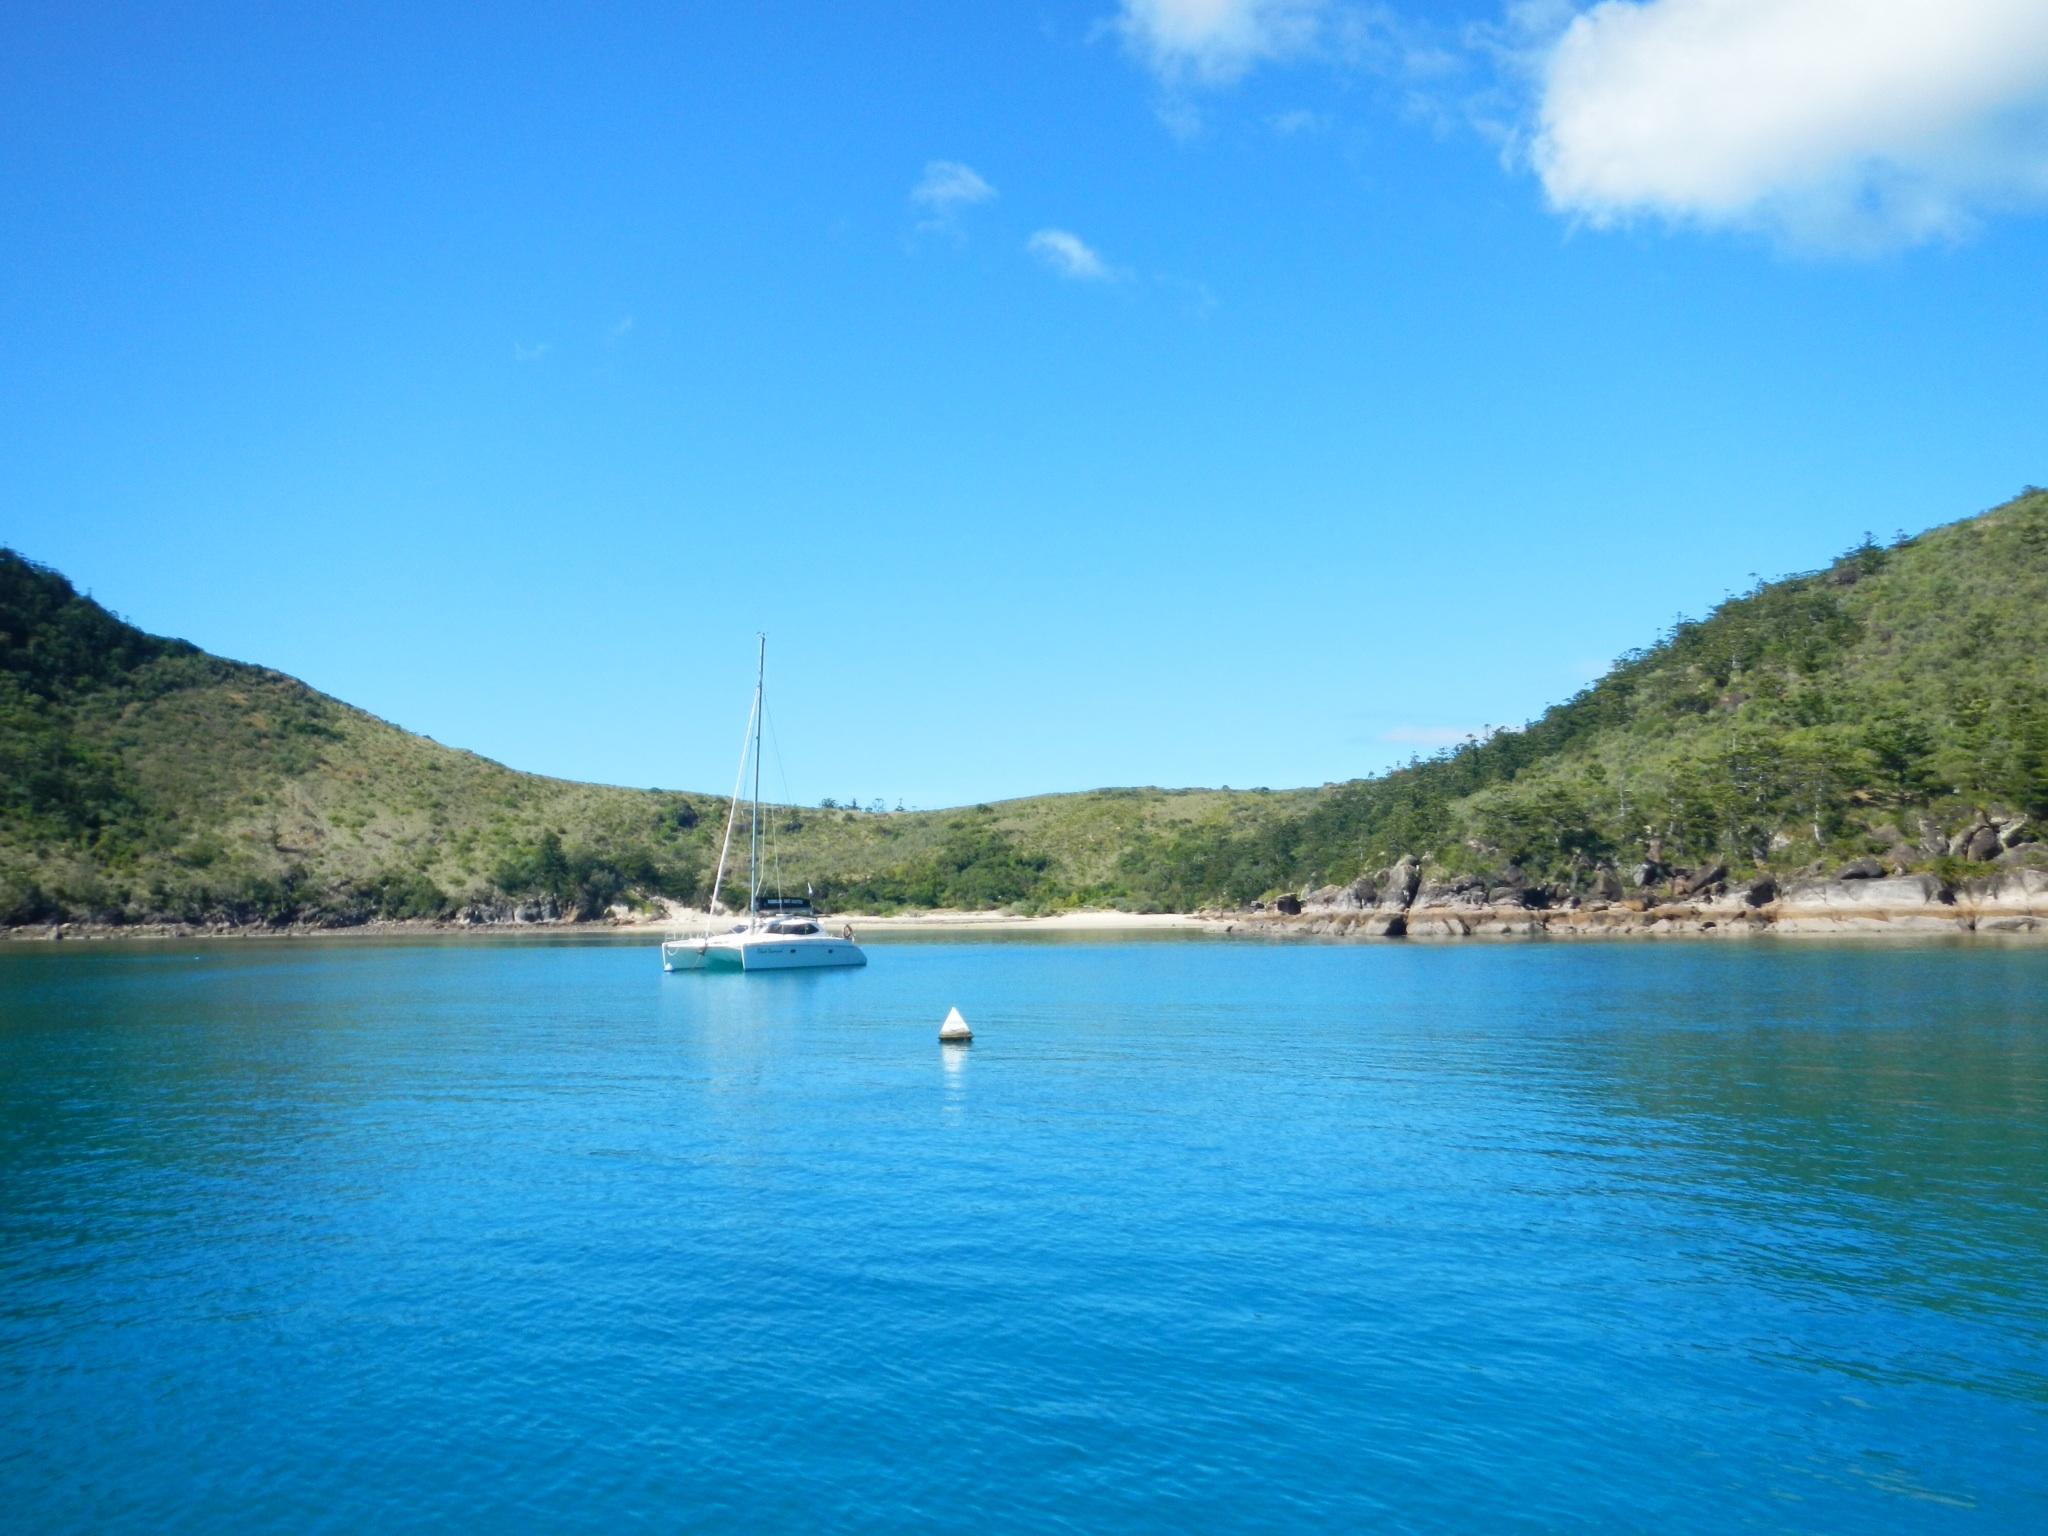 Noleggio Barche Cateran Bay - Navalia | Noleggia un Sogno